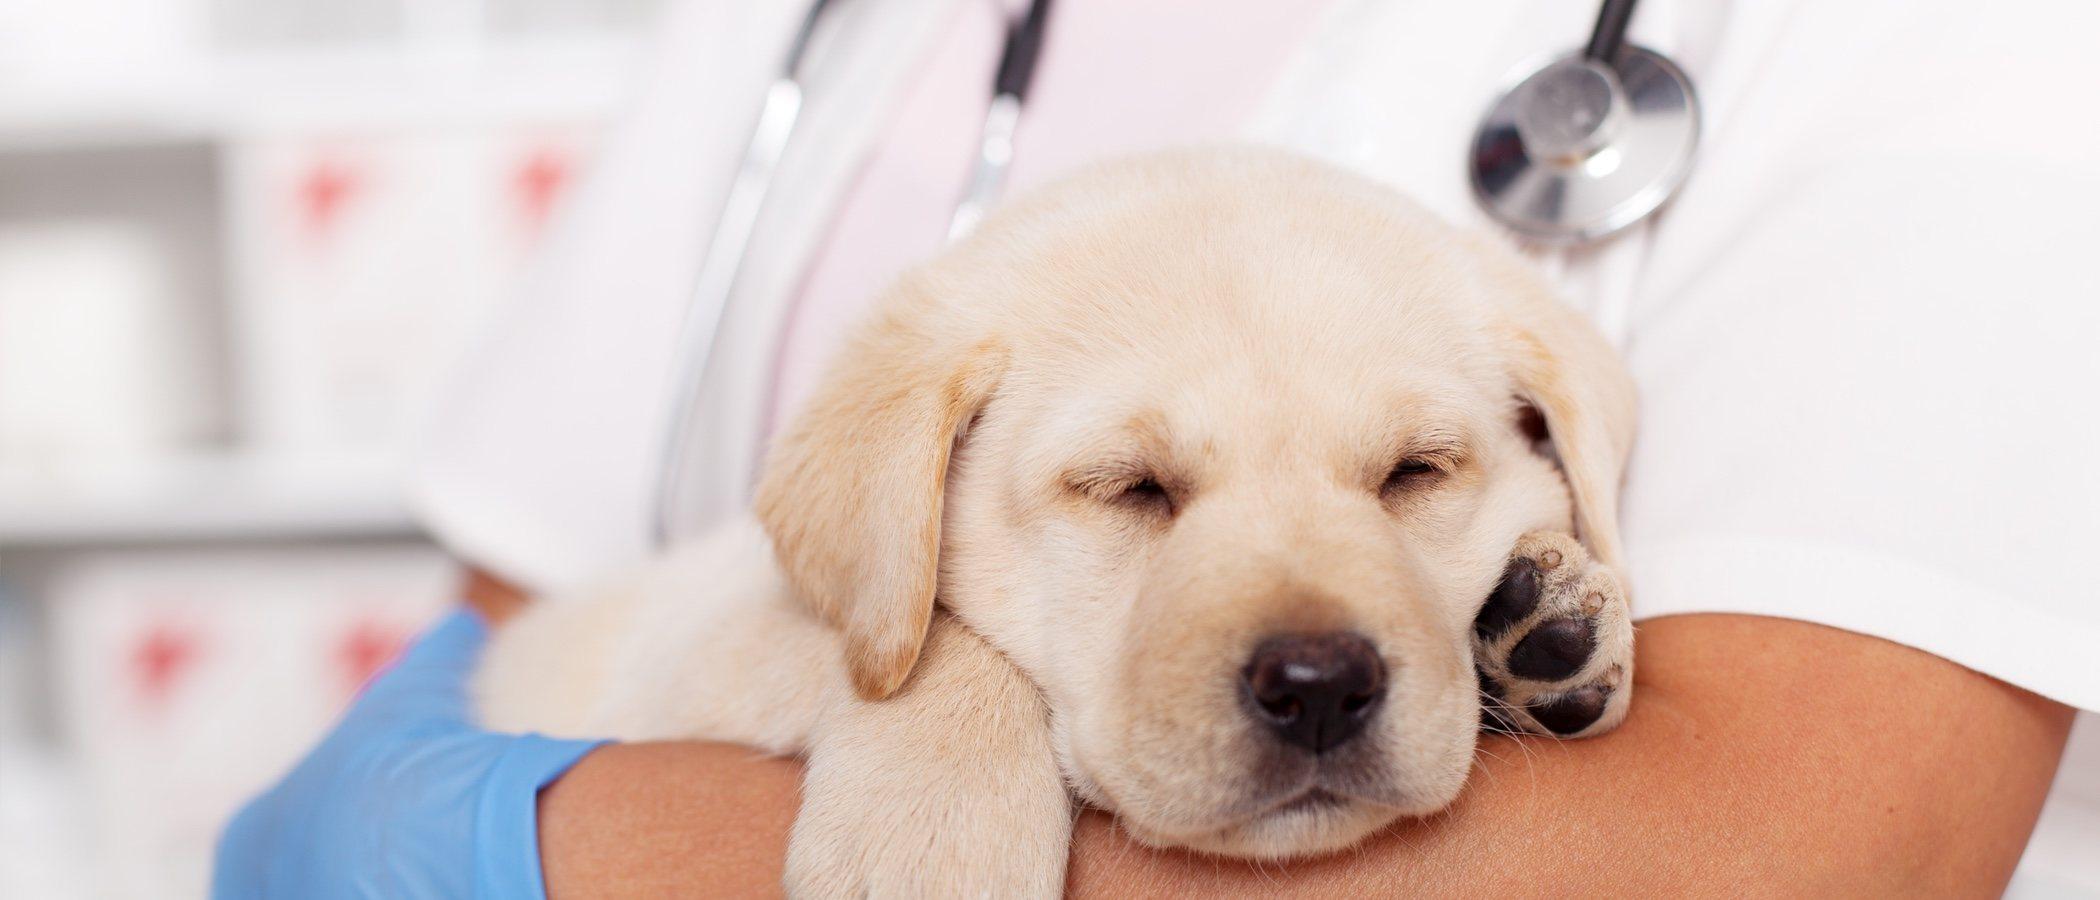 Coronavirus en perros: todo lo que debes saber